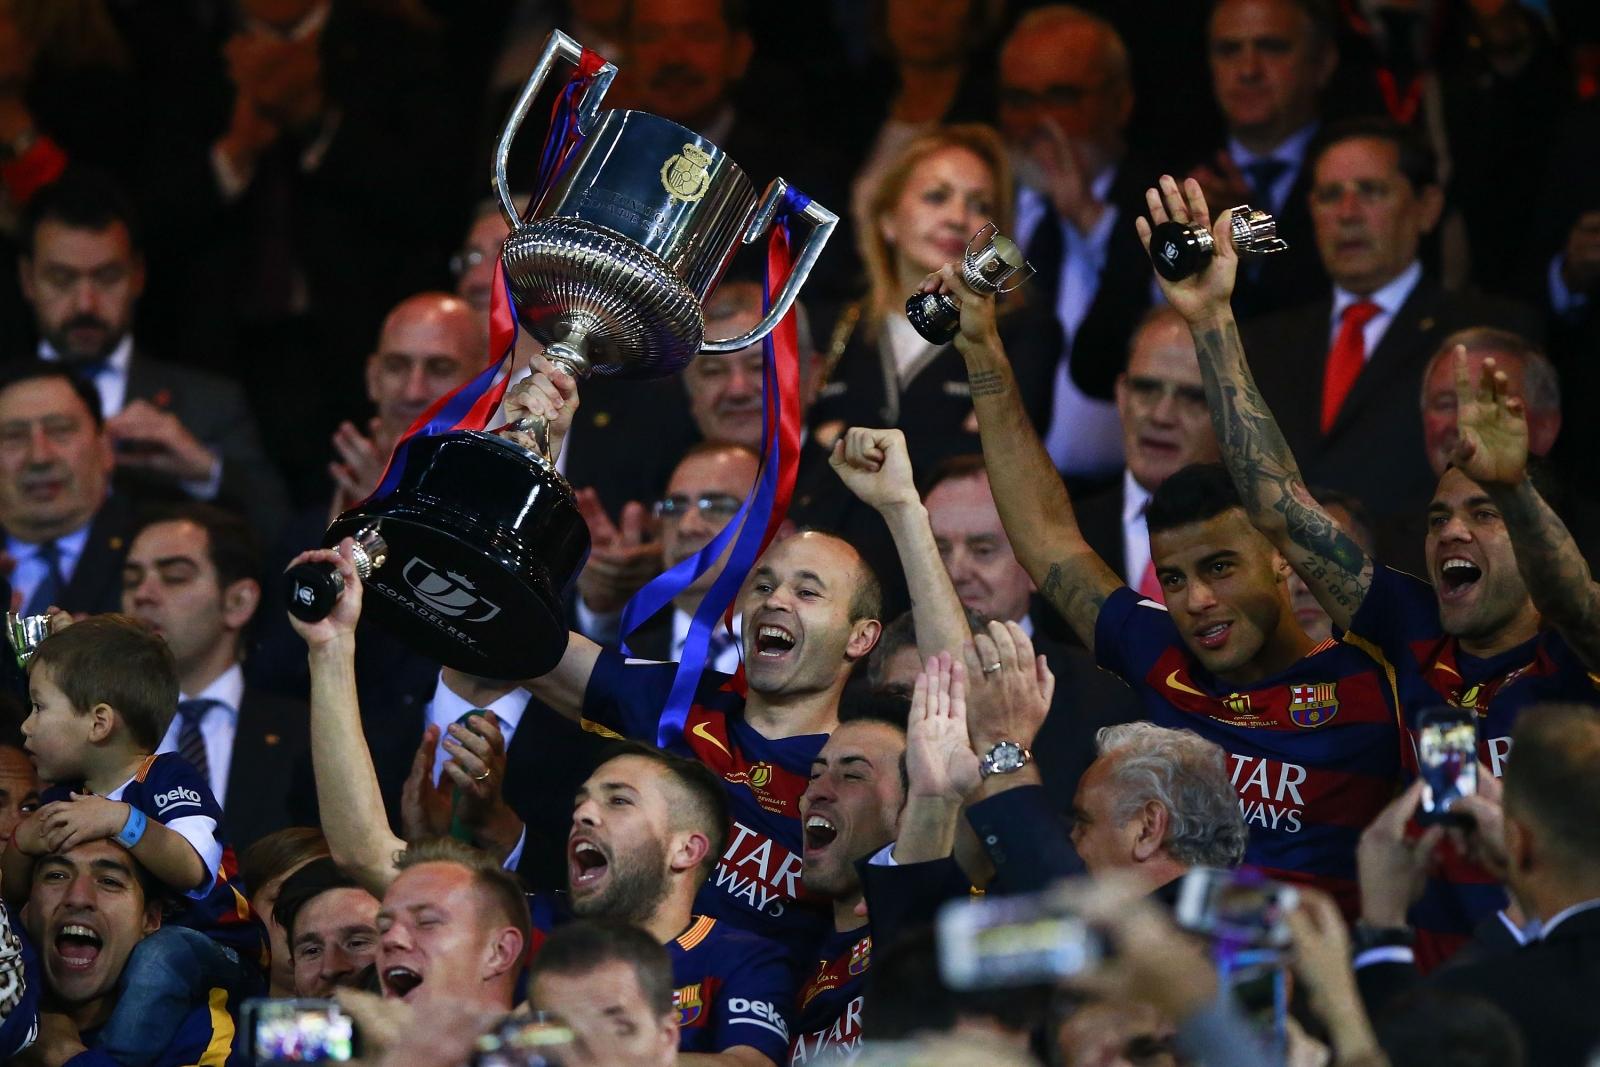 Barcelona win Copa del Rey